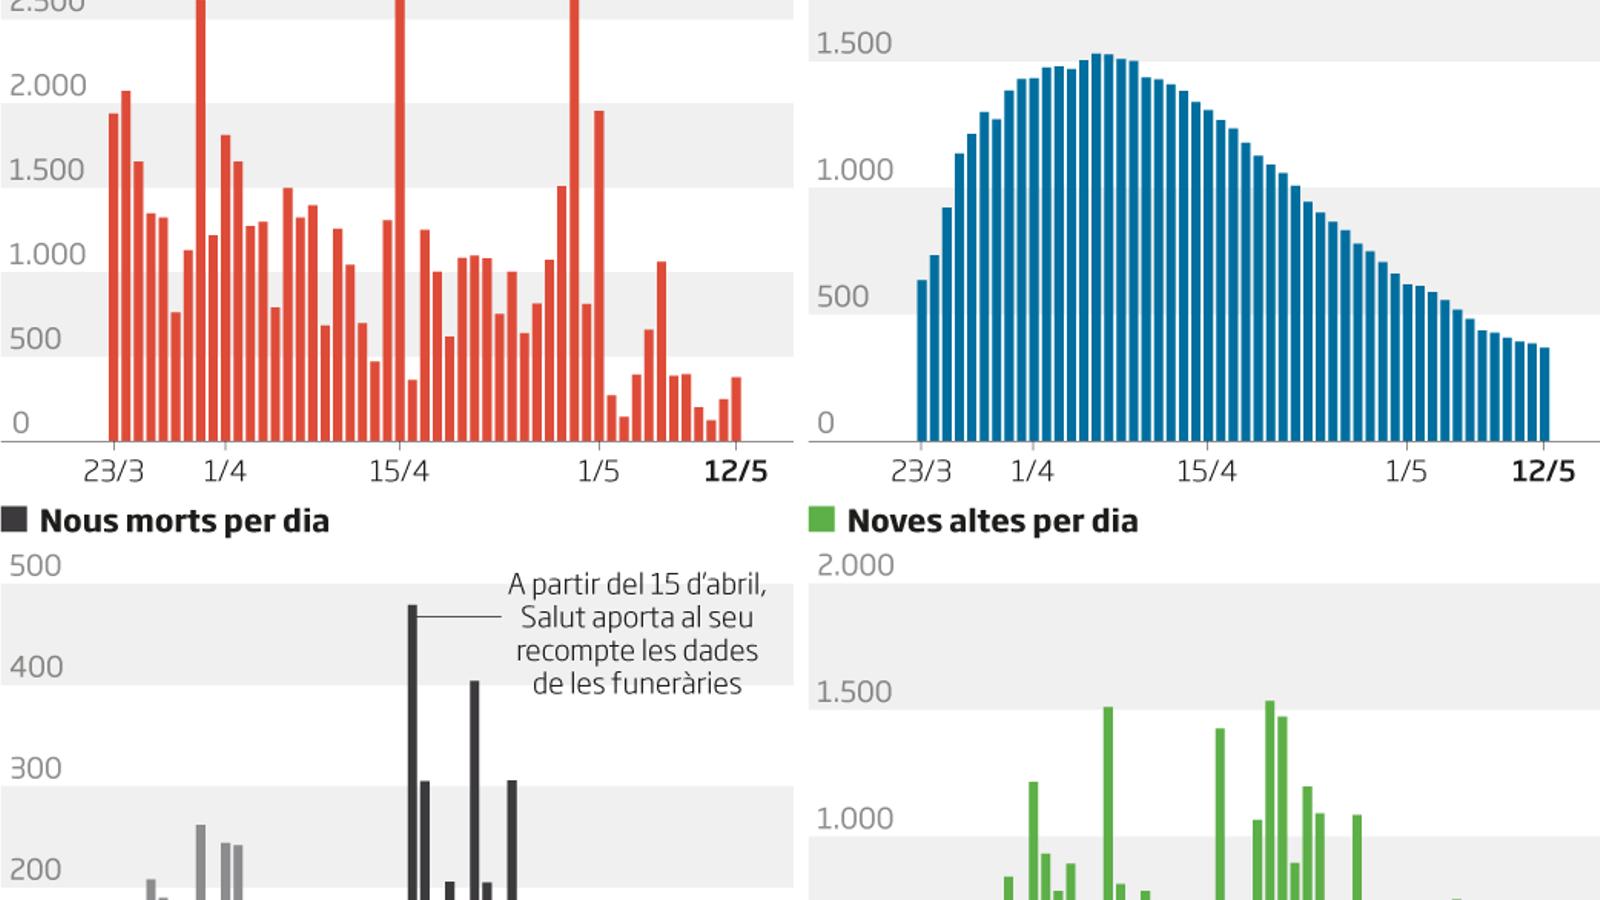 103 morts i 379 positius confirmats les últimes 24 hores a Catalunya